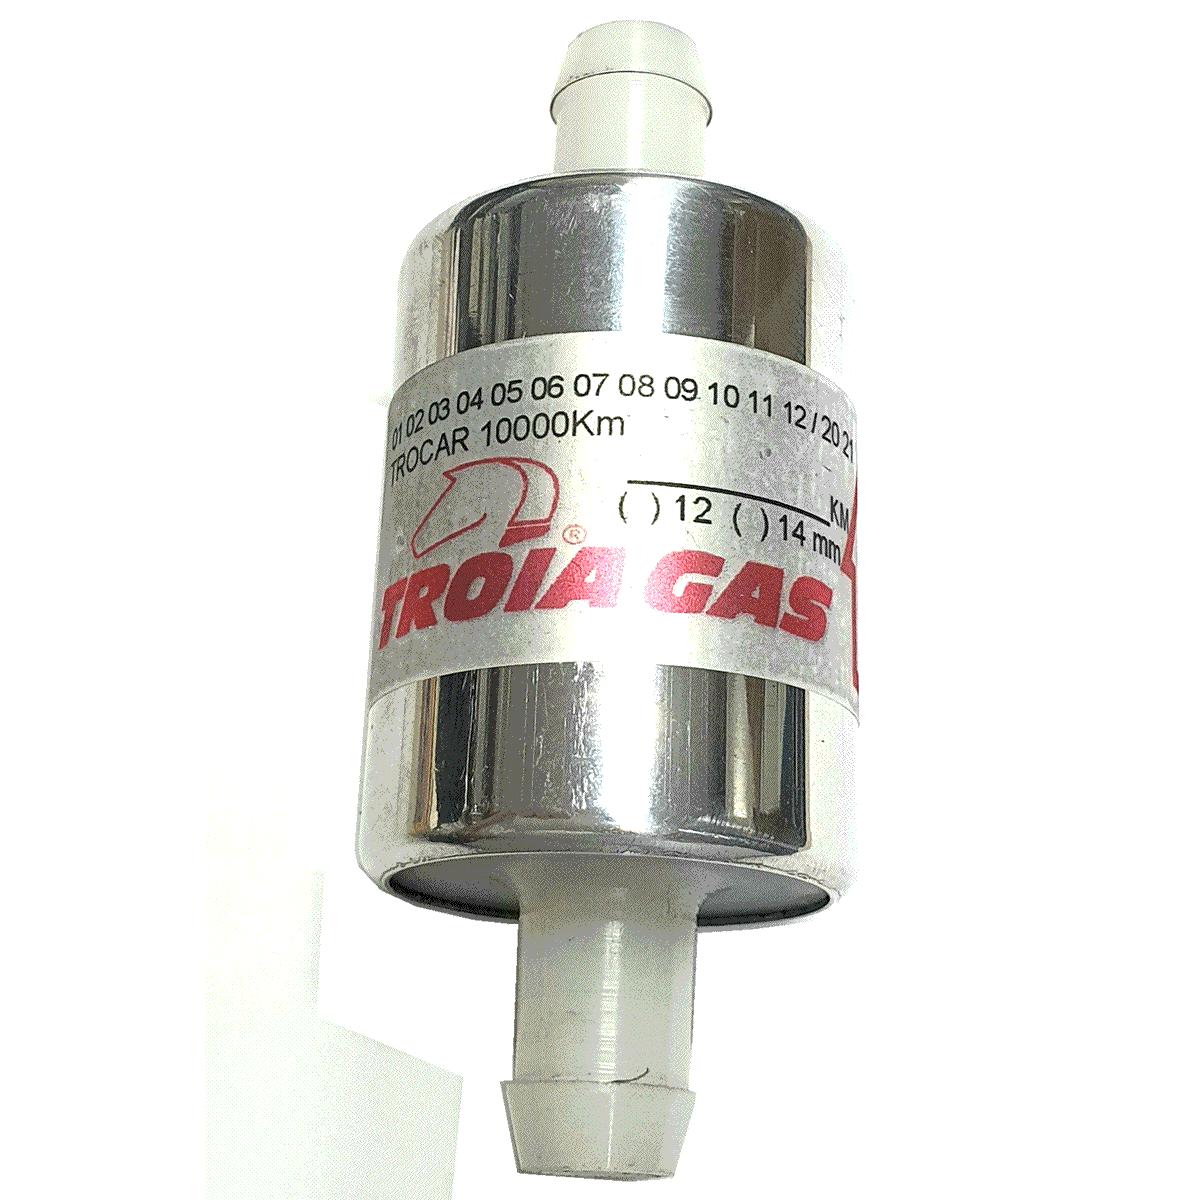 6 Filtros GNV 14 mm TROIAGAS 5ª e 6ª geração protege bicos Landi Renzo, Lovato